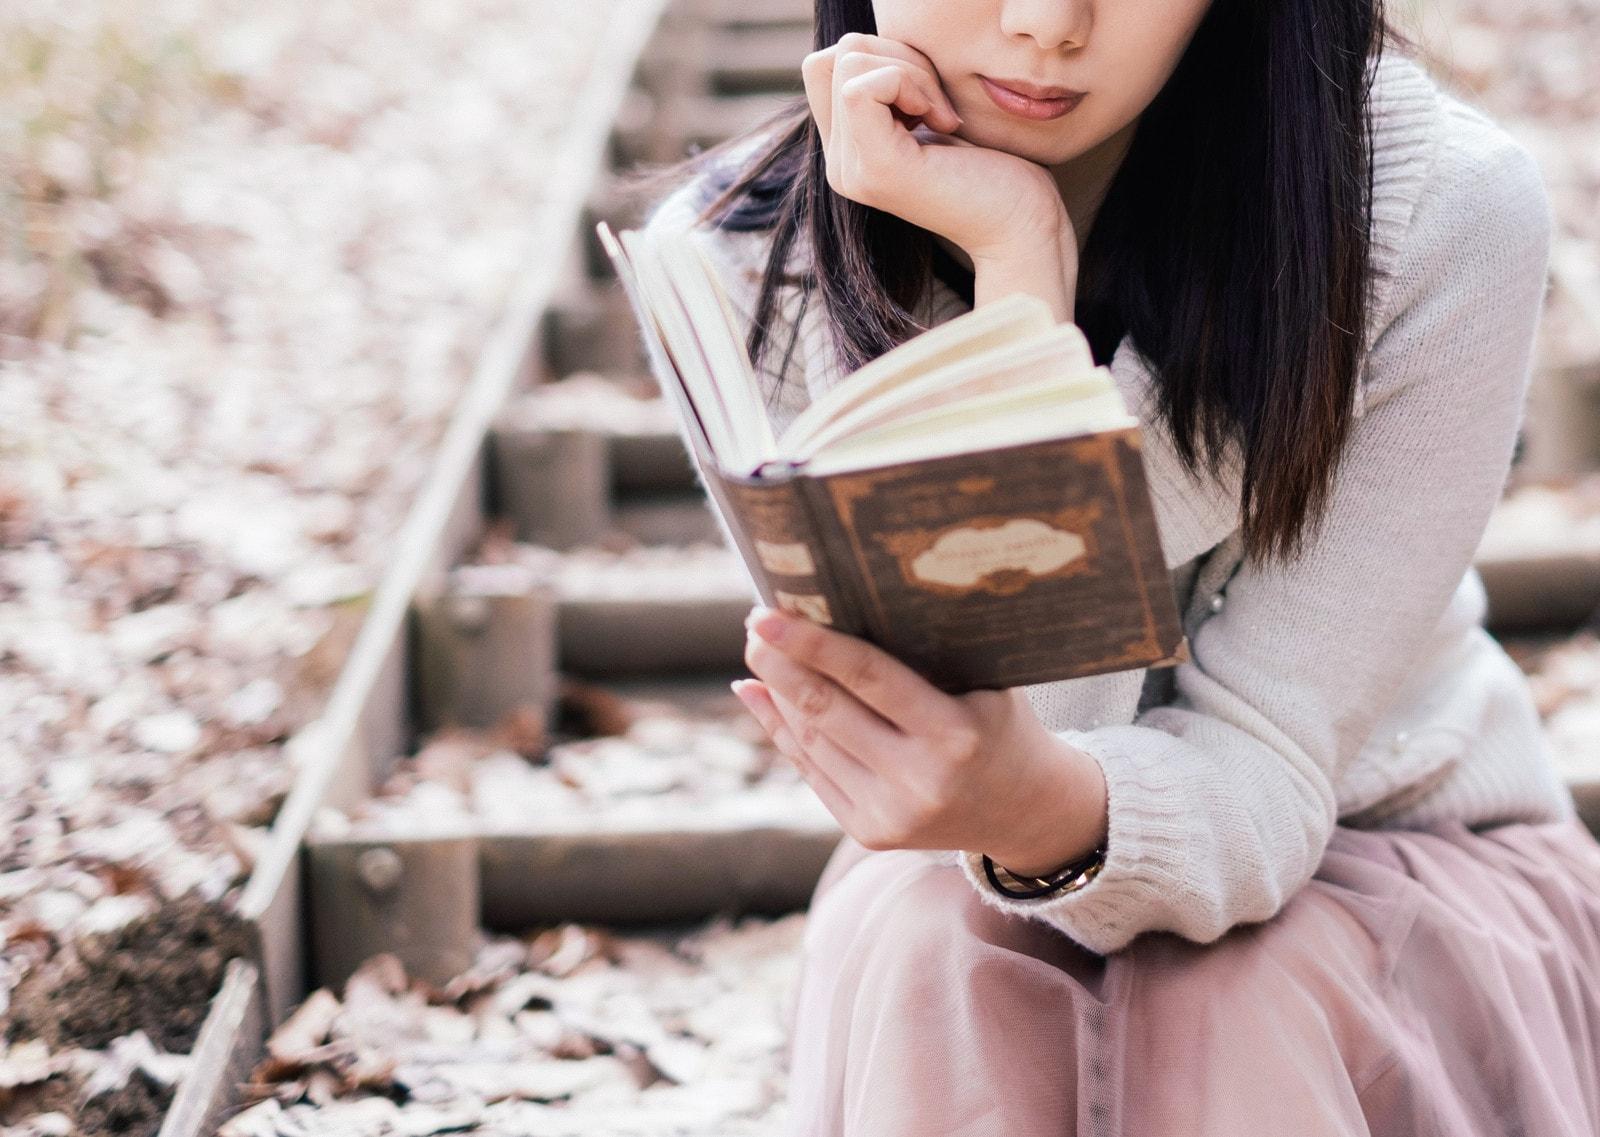 公園の階段で本を読んで座っている女性の画像